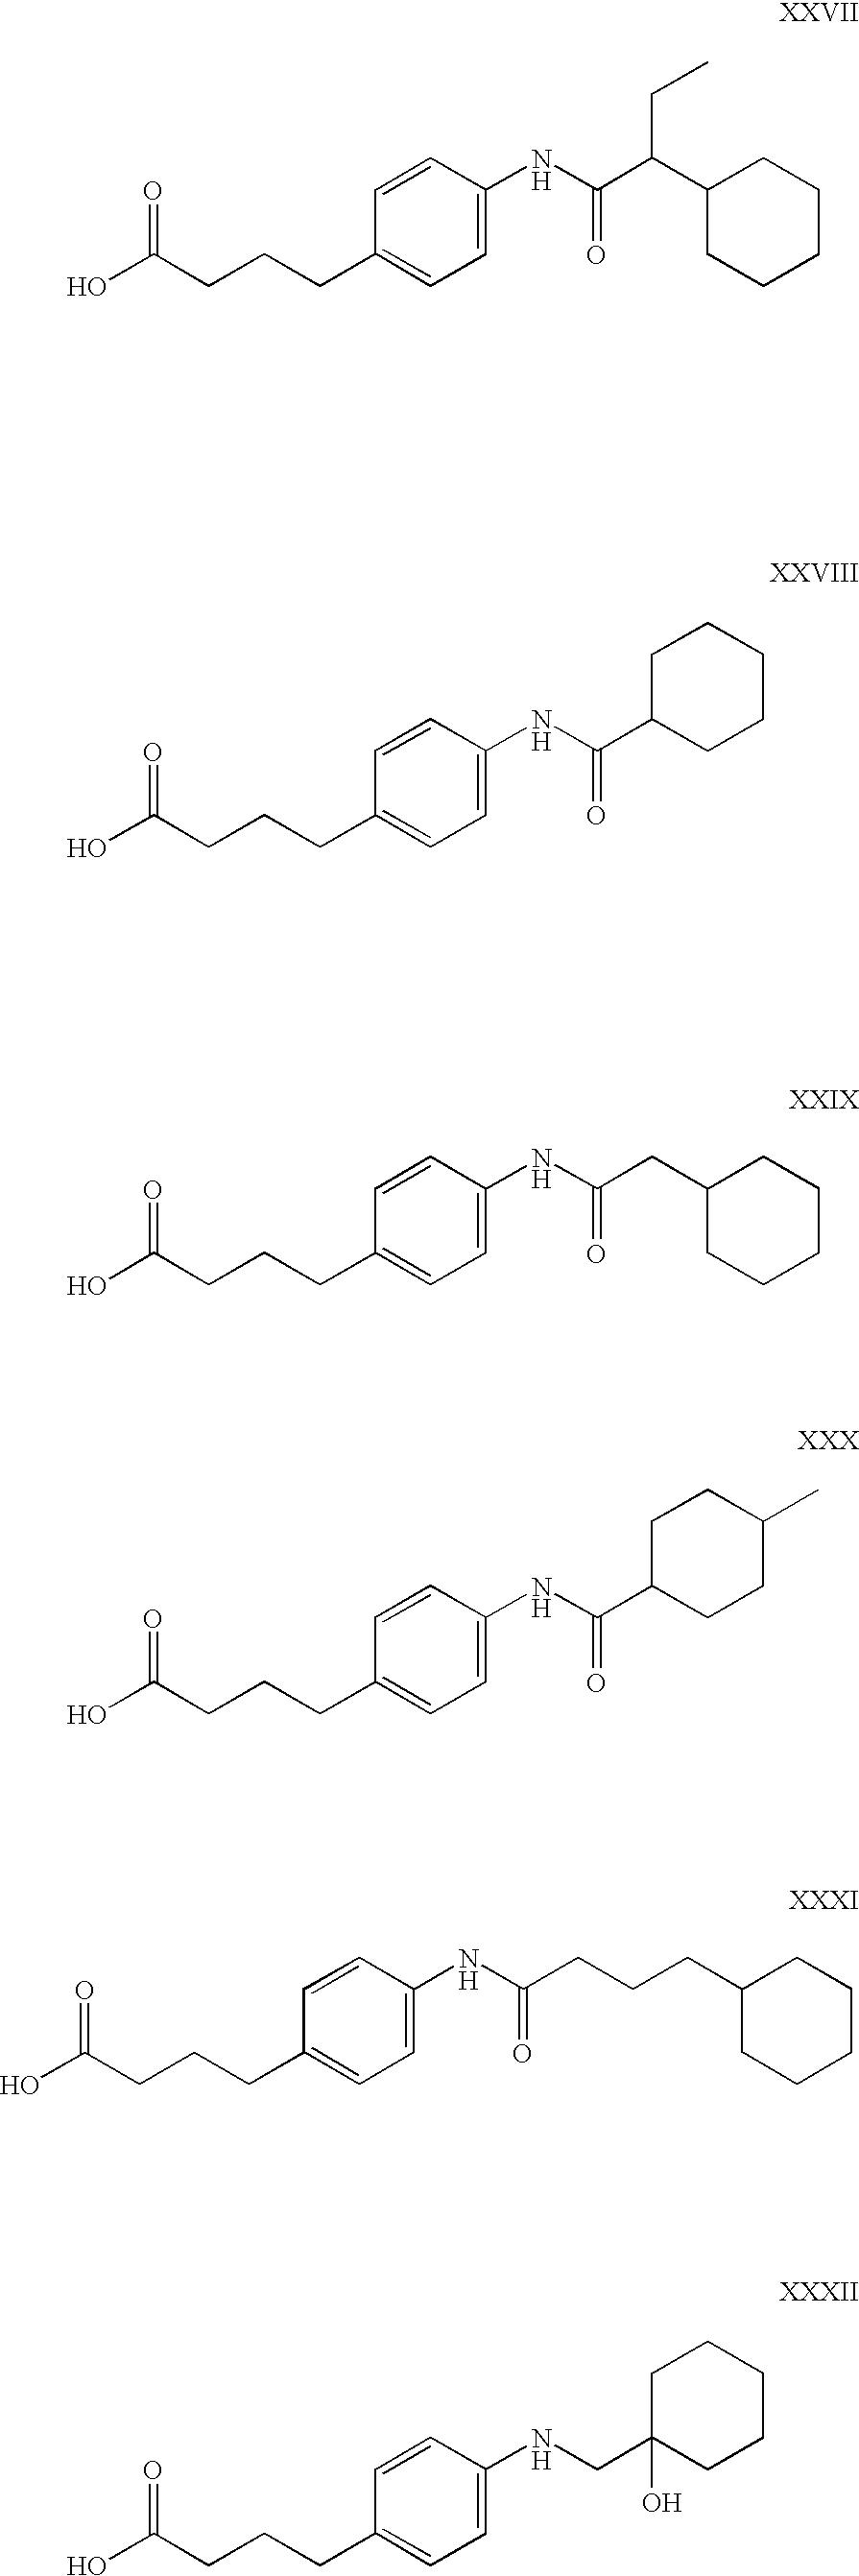 Figure US06663887-20031216-C00005